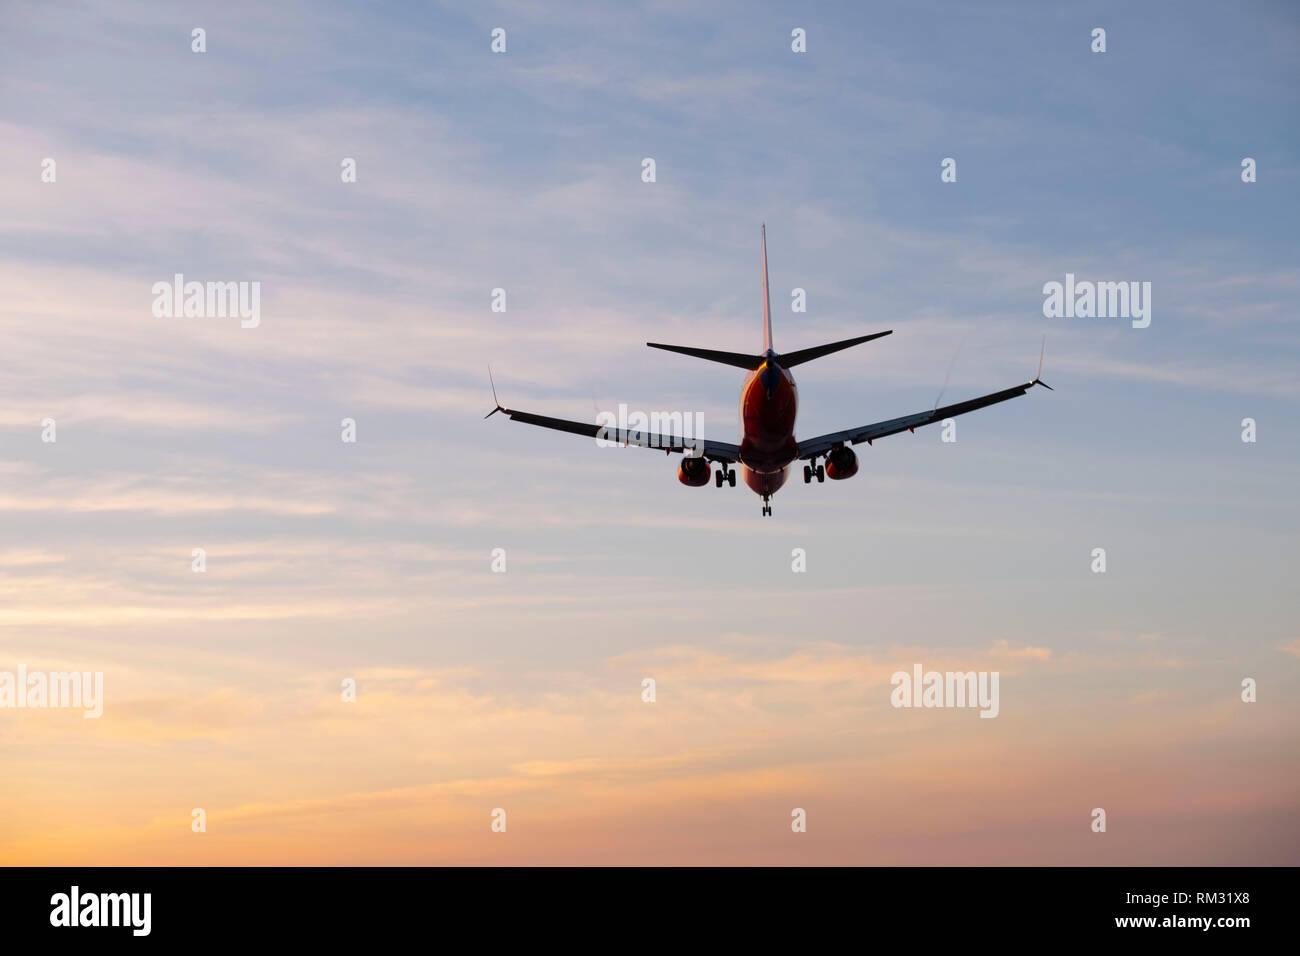 Passenger Jet flying at sunset - Stock Image